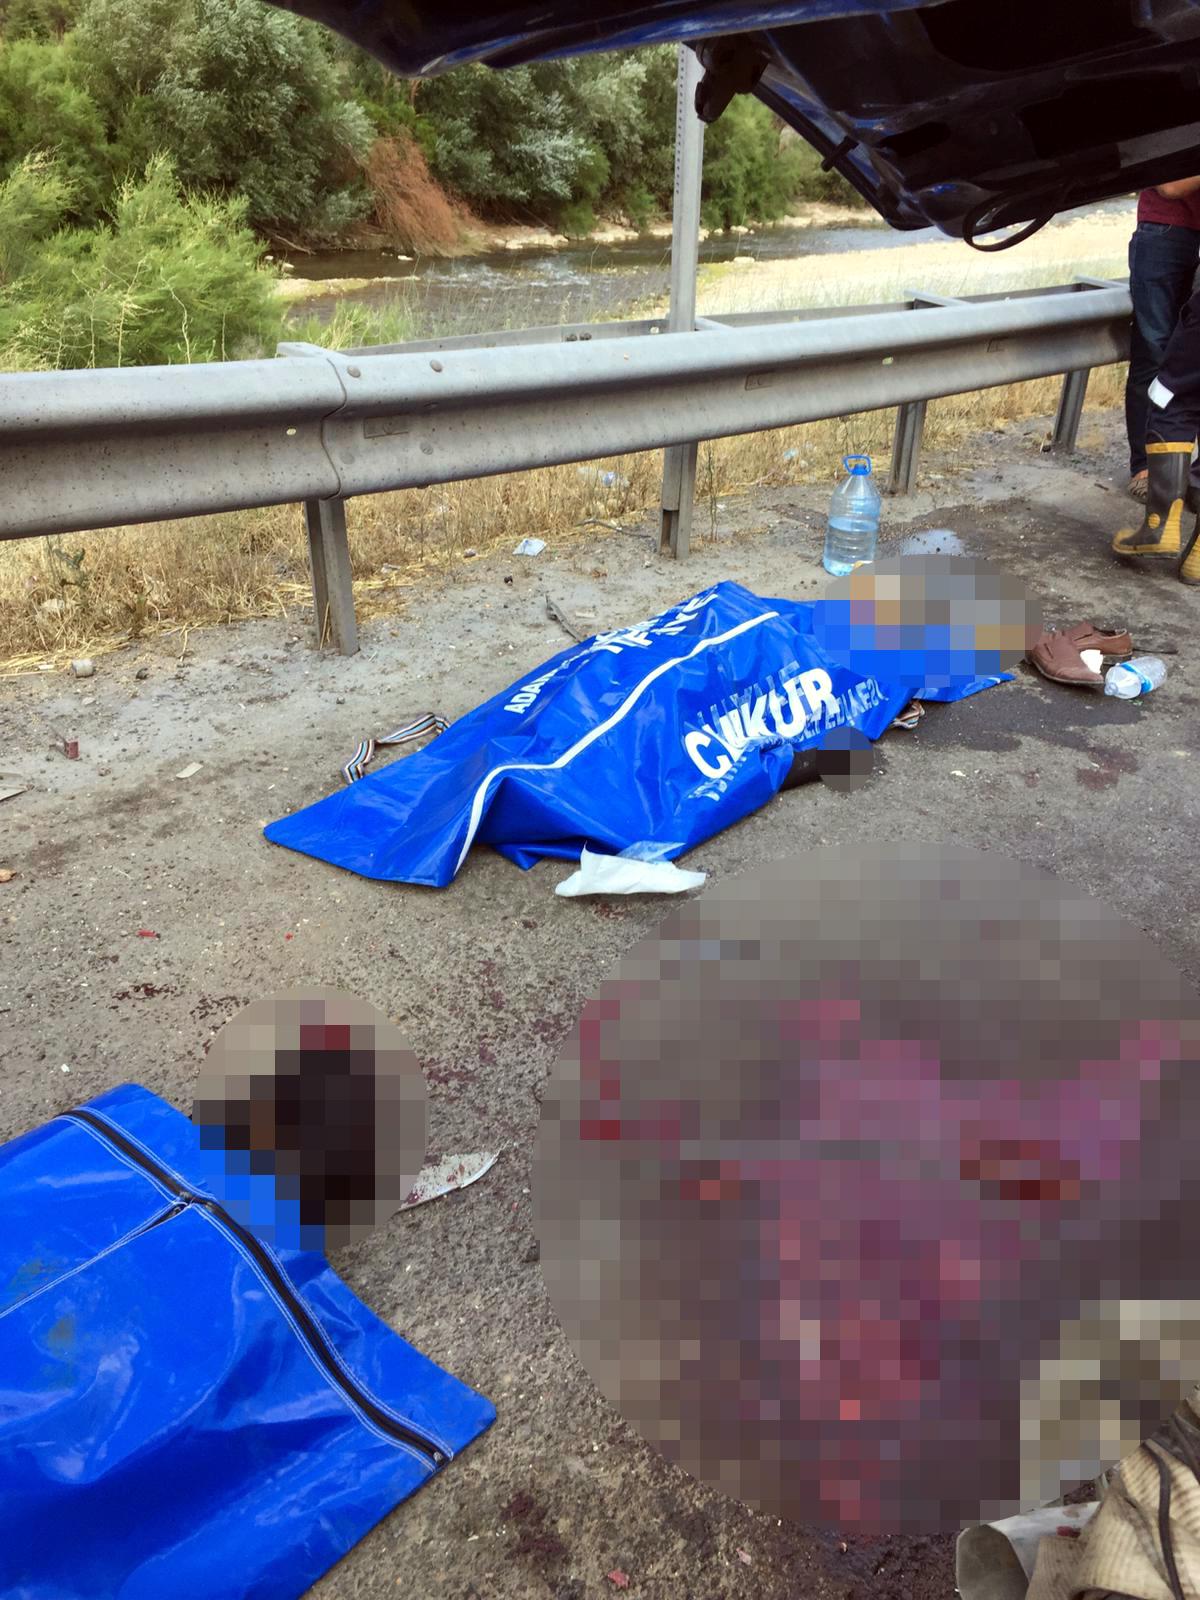 Adana'da otomobil ile midibüs çarpıştı: 4 ölü, 2 yaralı